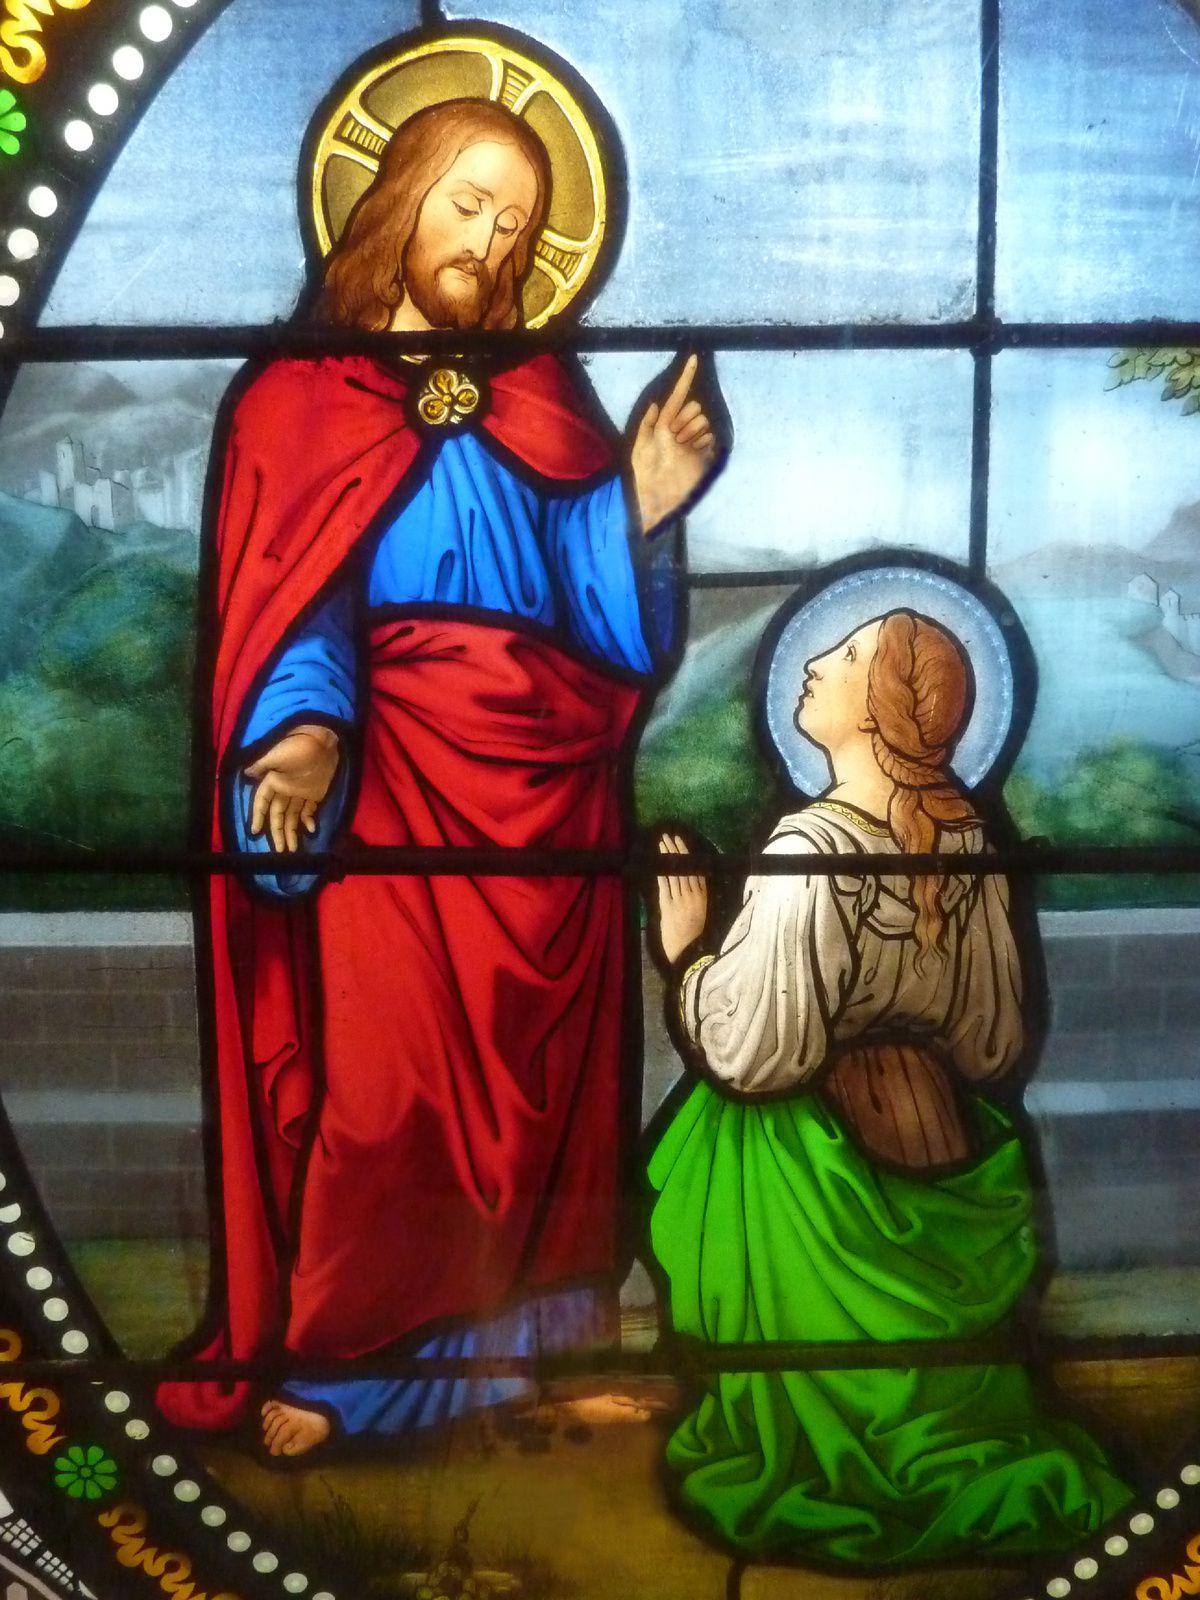 La chapelle en vitraux